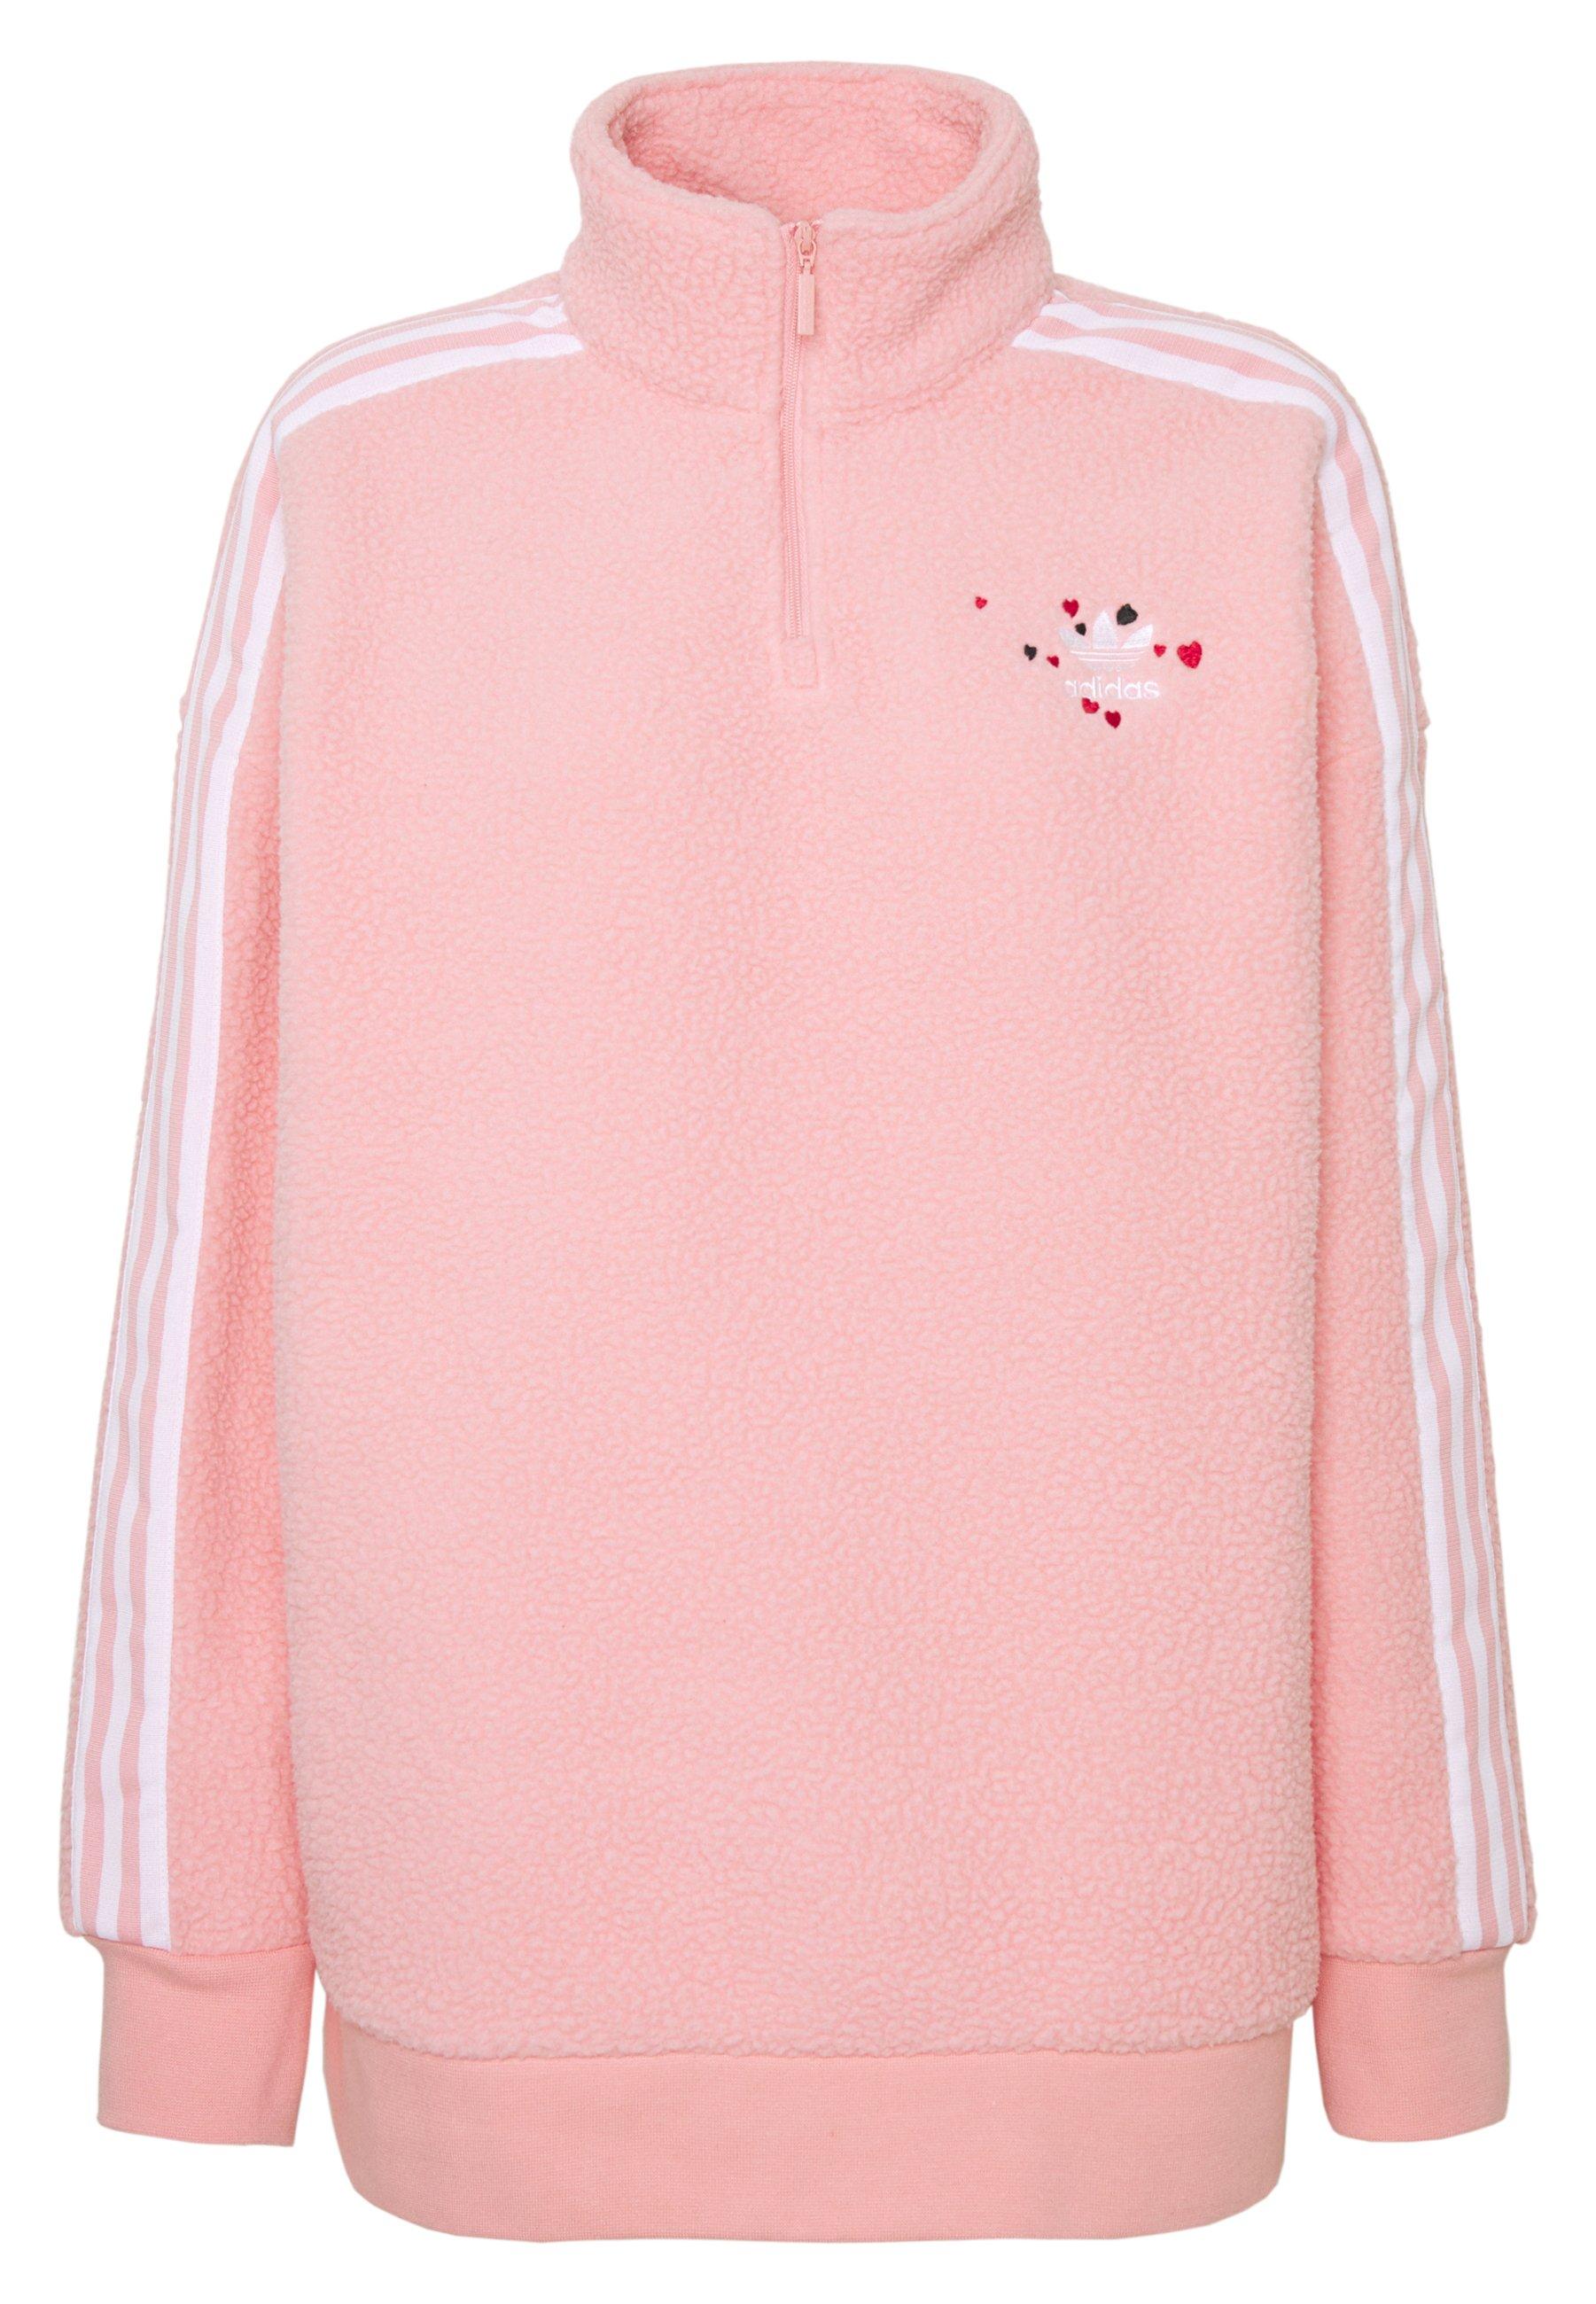 Adidas Originals Sport Inspired Polarfleece Half Zip - Fleece Jumper Glory Pink